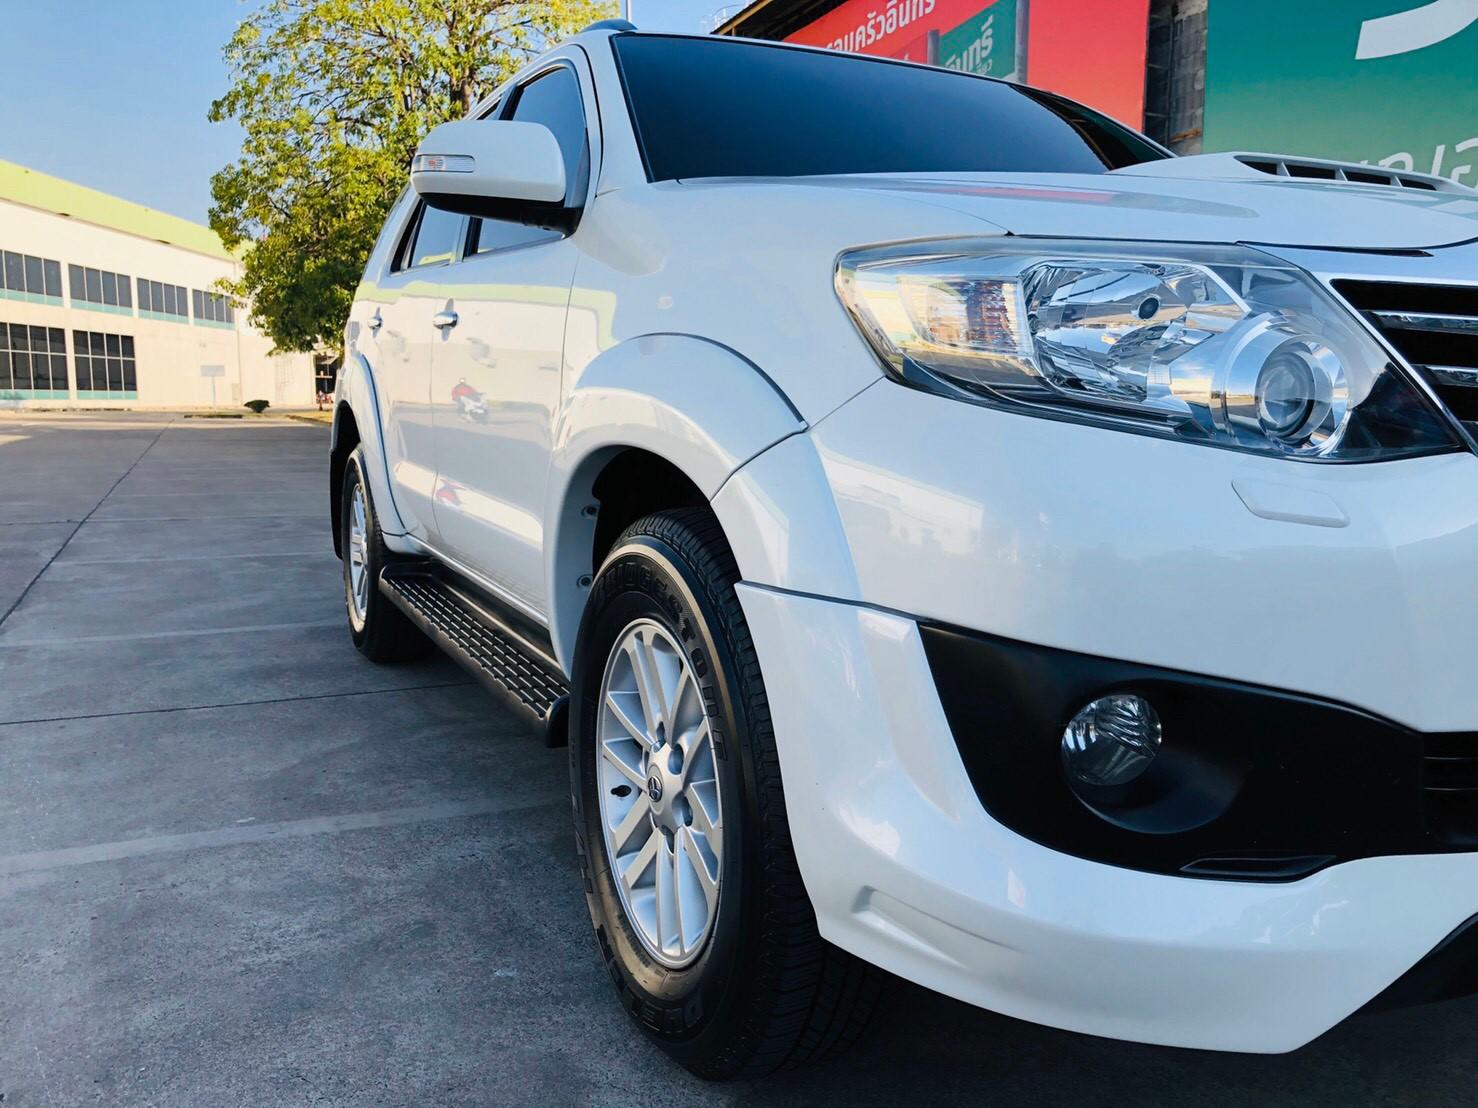 ภาพไฟด้านหน้า โตโยต้า ฟอร์จูนเนอร์ 3.0 V 4WD ปี 2013